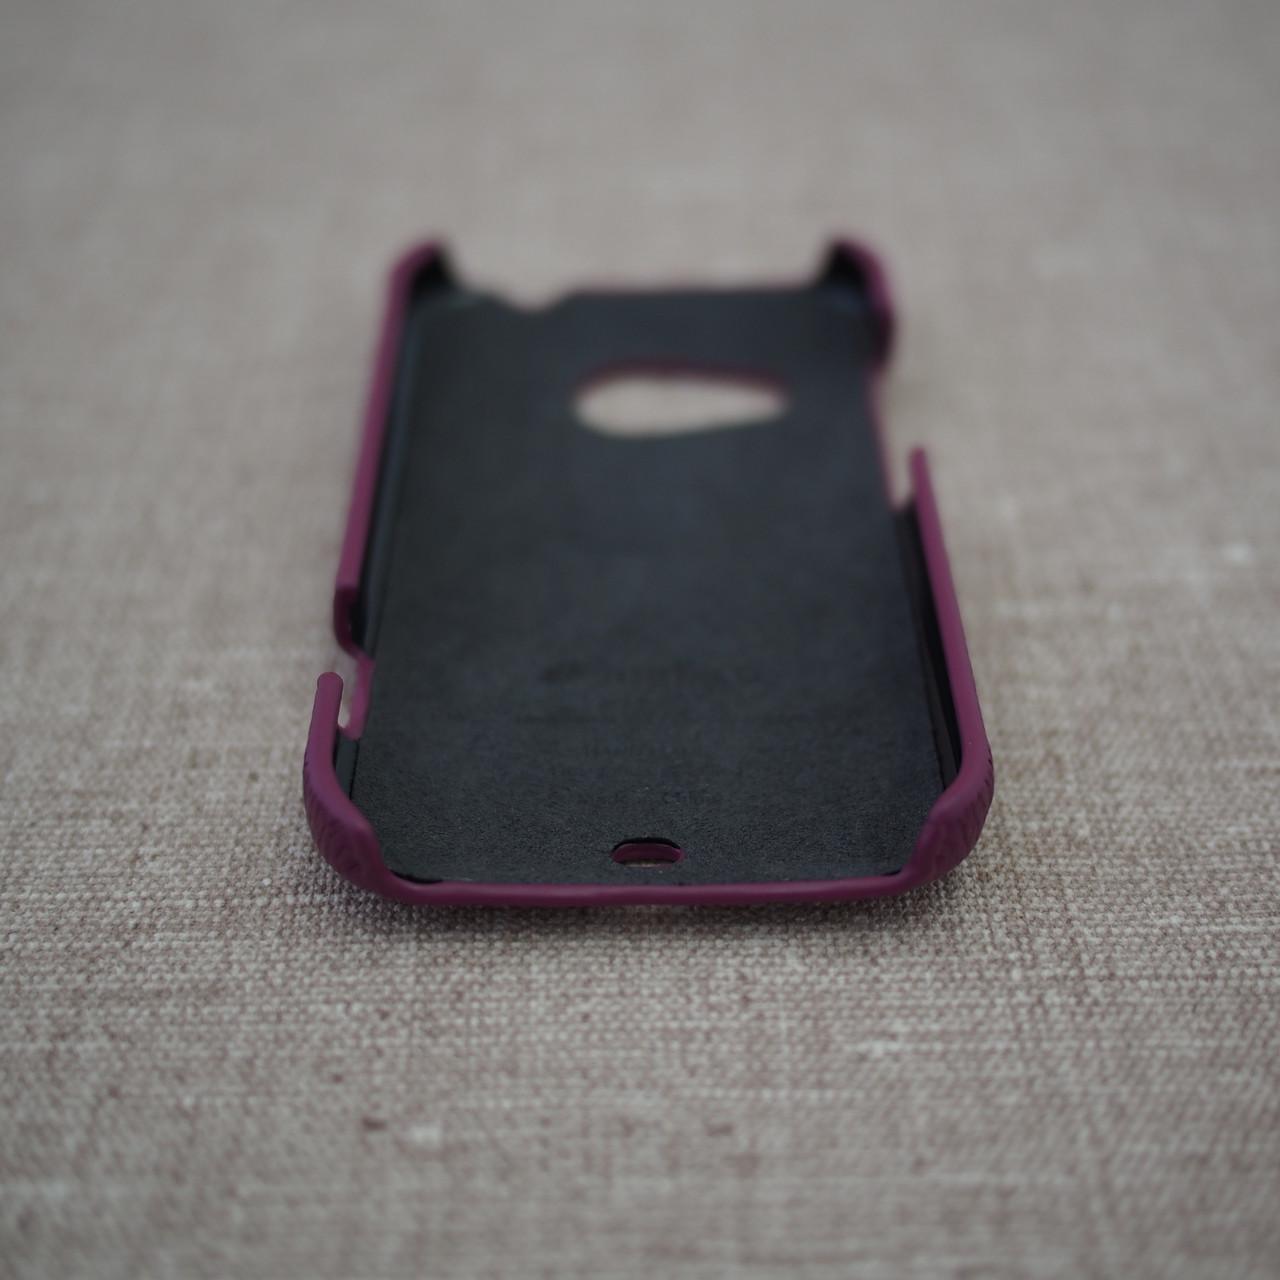 Чехлы для других смартфонов Melkco Snap Cover HTC Desire 200 purple Для телефона